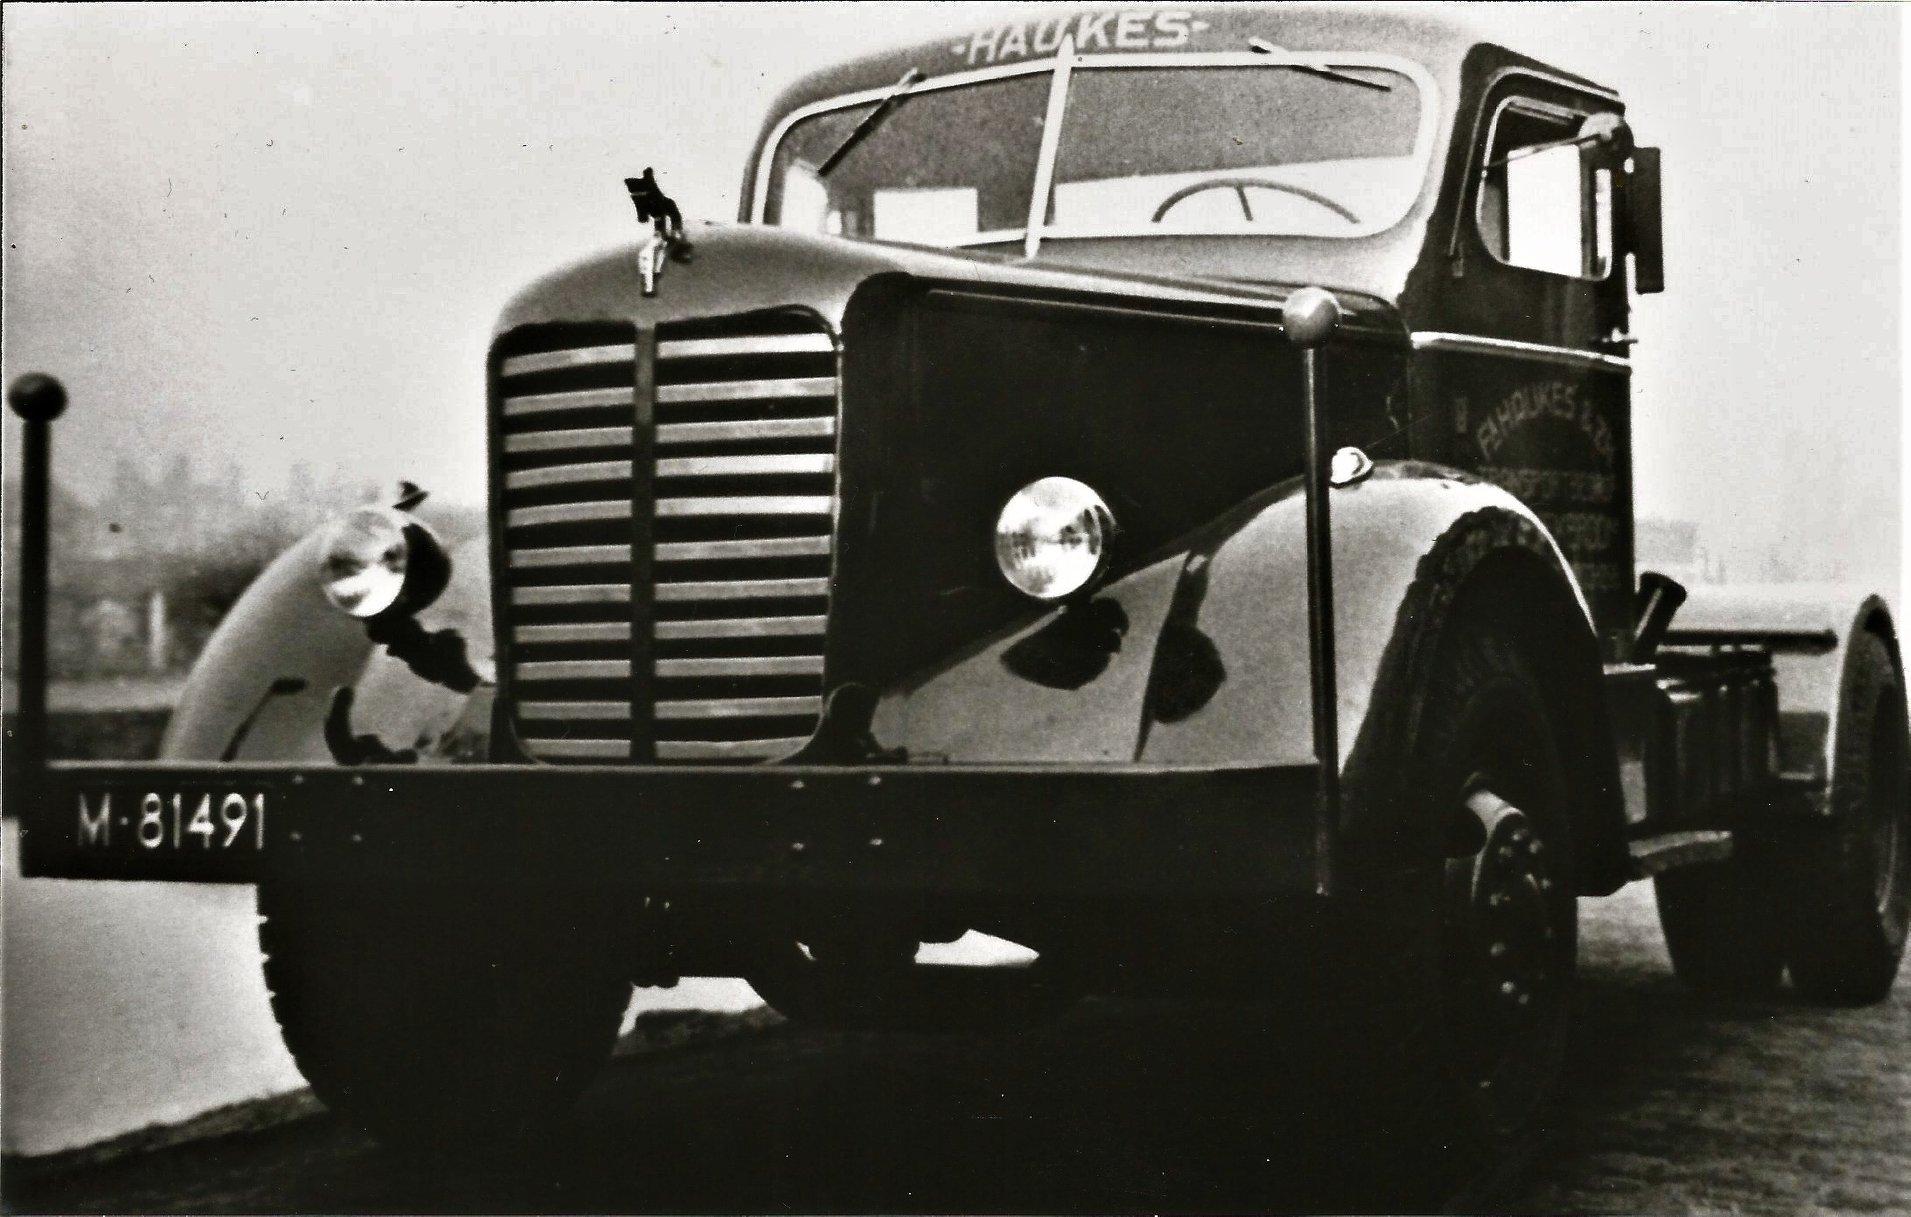 de-eerste-Mack-NR-trekker-van-Haukes--deze-Mack-is-compleet-omgebouwd-en-opgeknapt-van-3-assige-motorwagen-naar-een-enkel-assige-trekker-Hans-Megens-foto